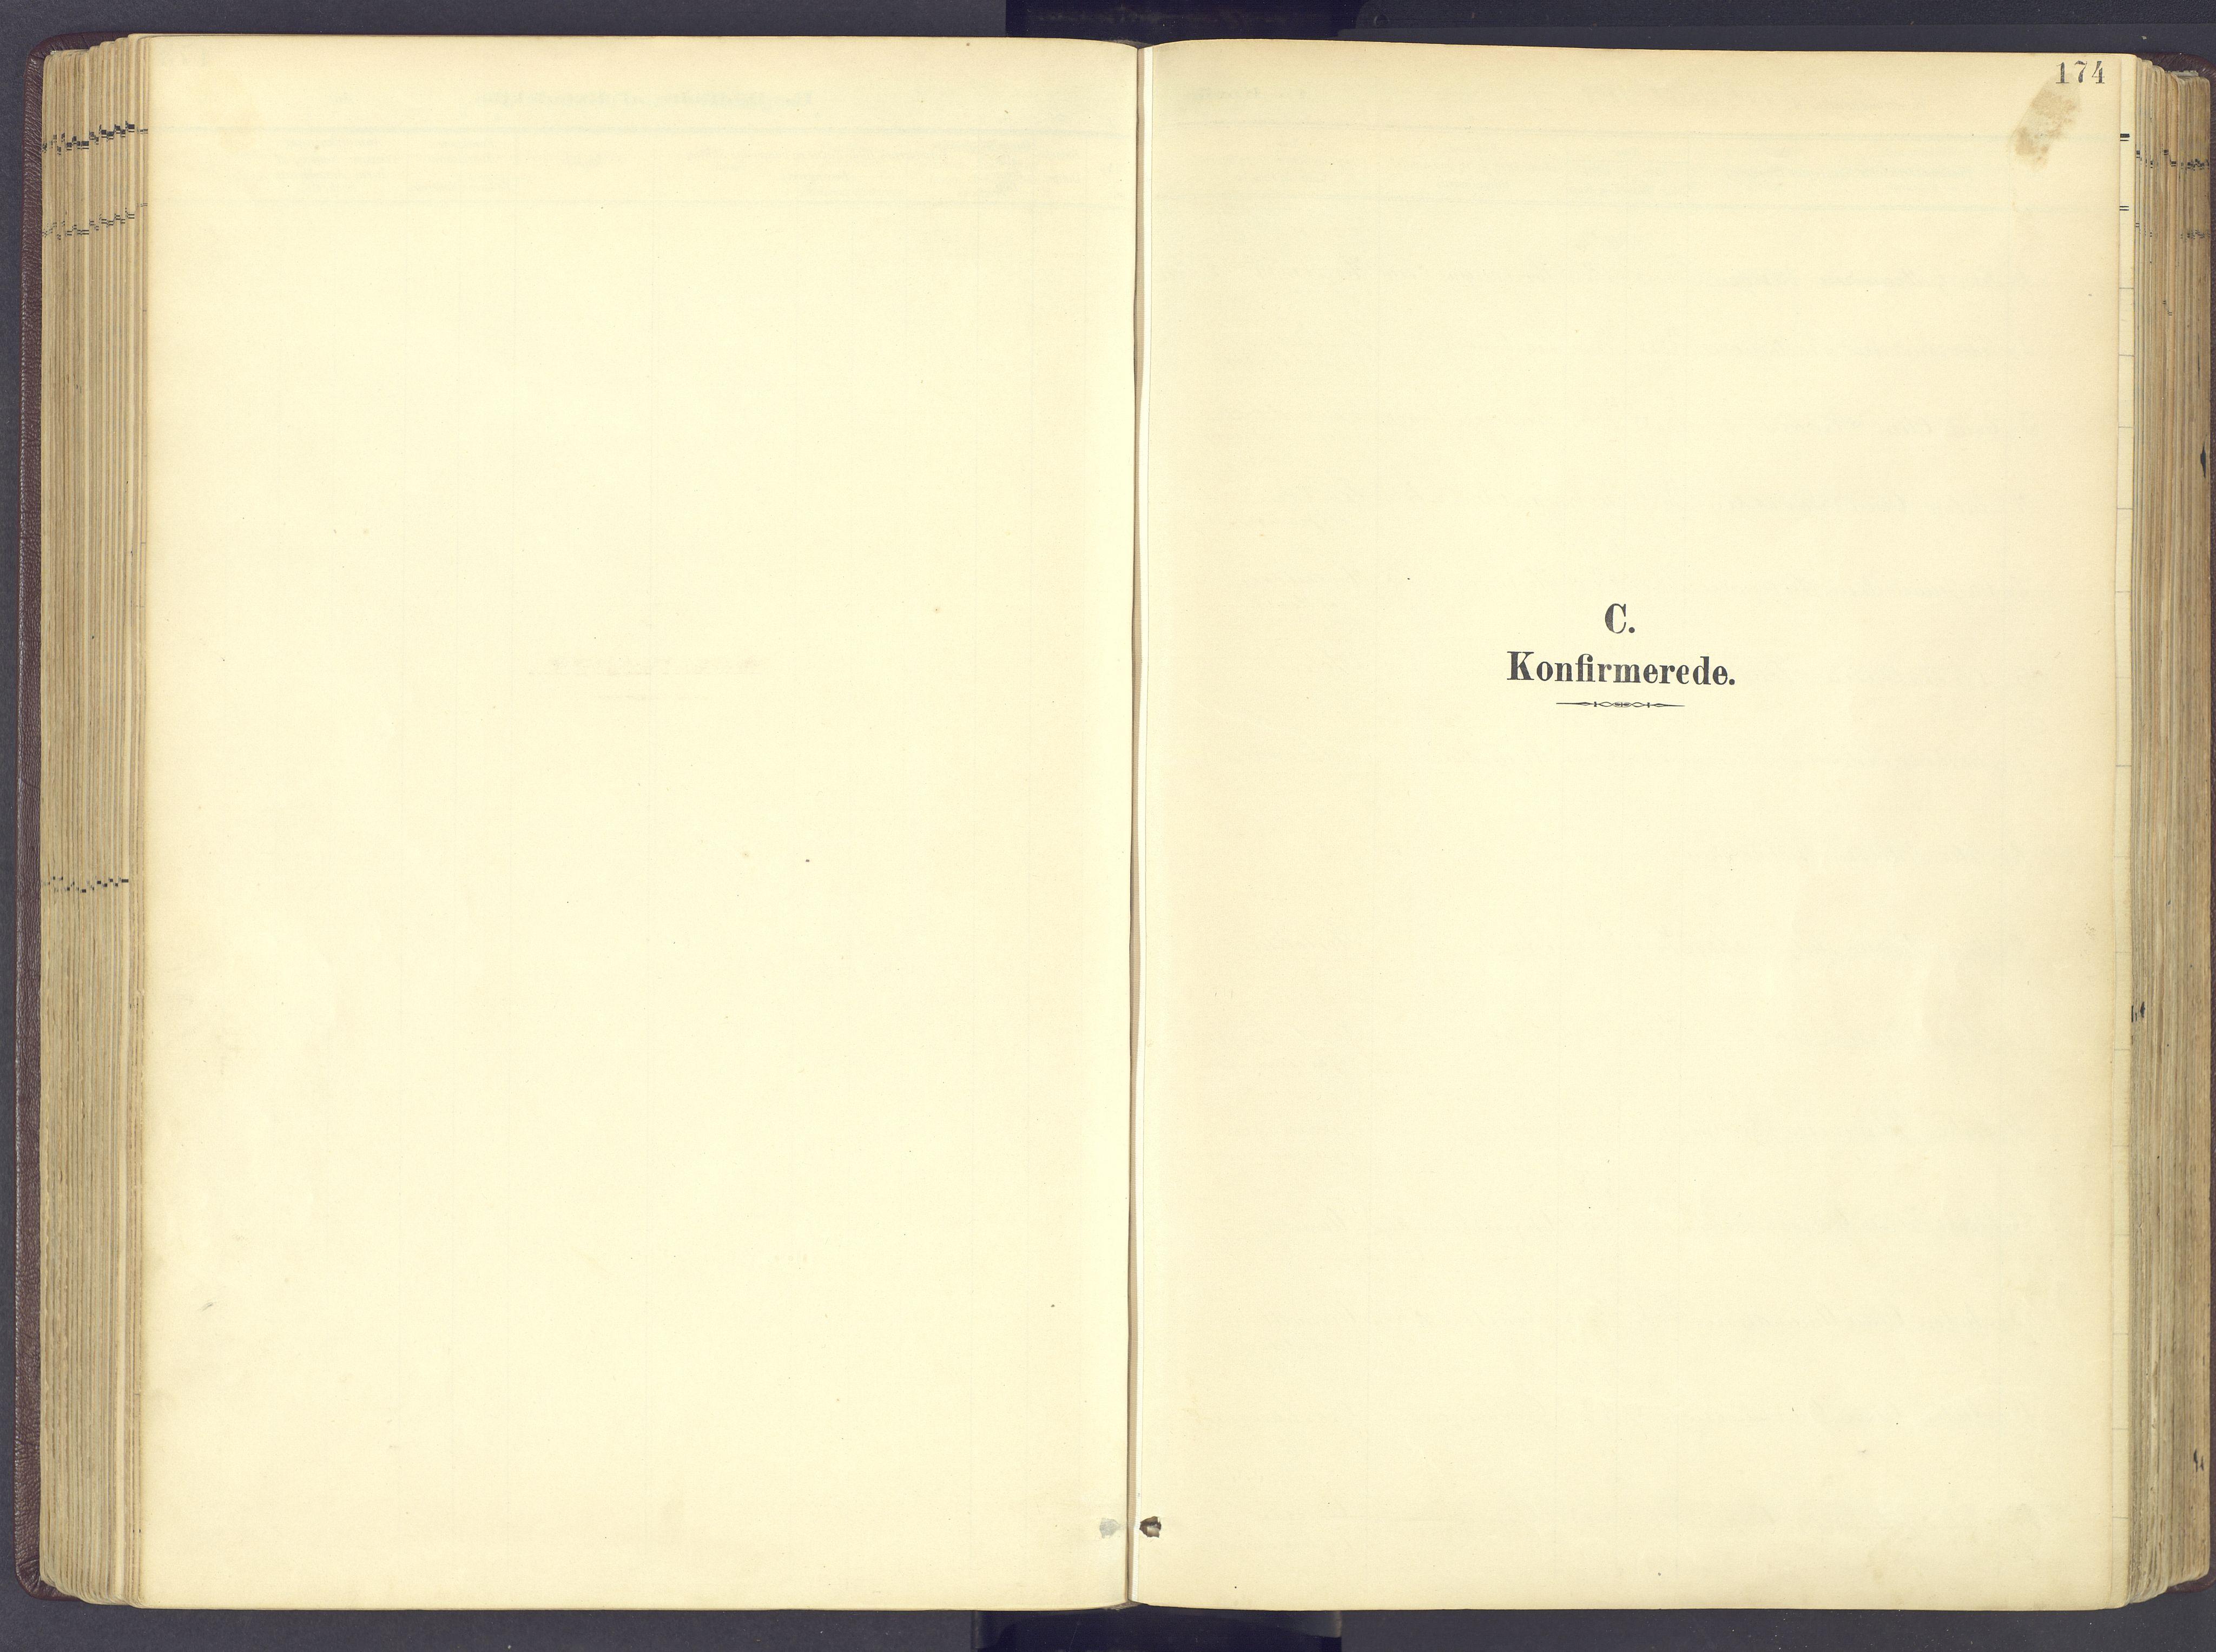 SAH, Sør-Fron prestekontor, H/Ha/Haa/L0004: Parish register (official) no. 4, 1898-1919, p. 174